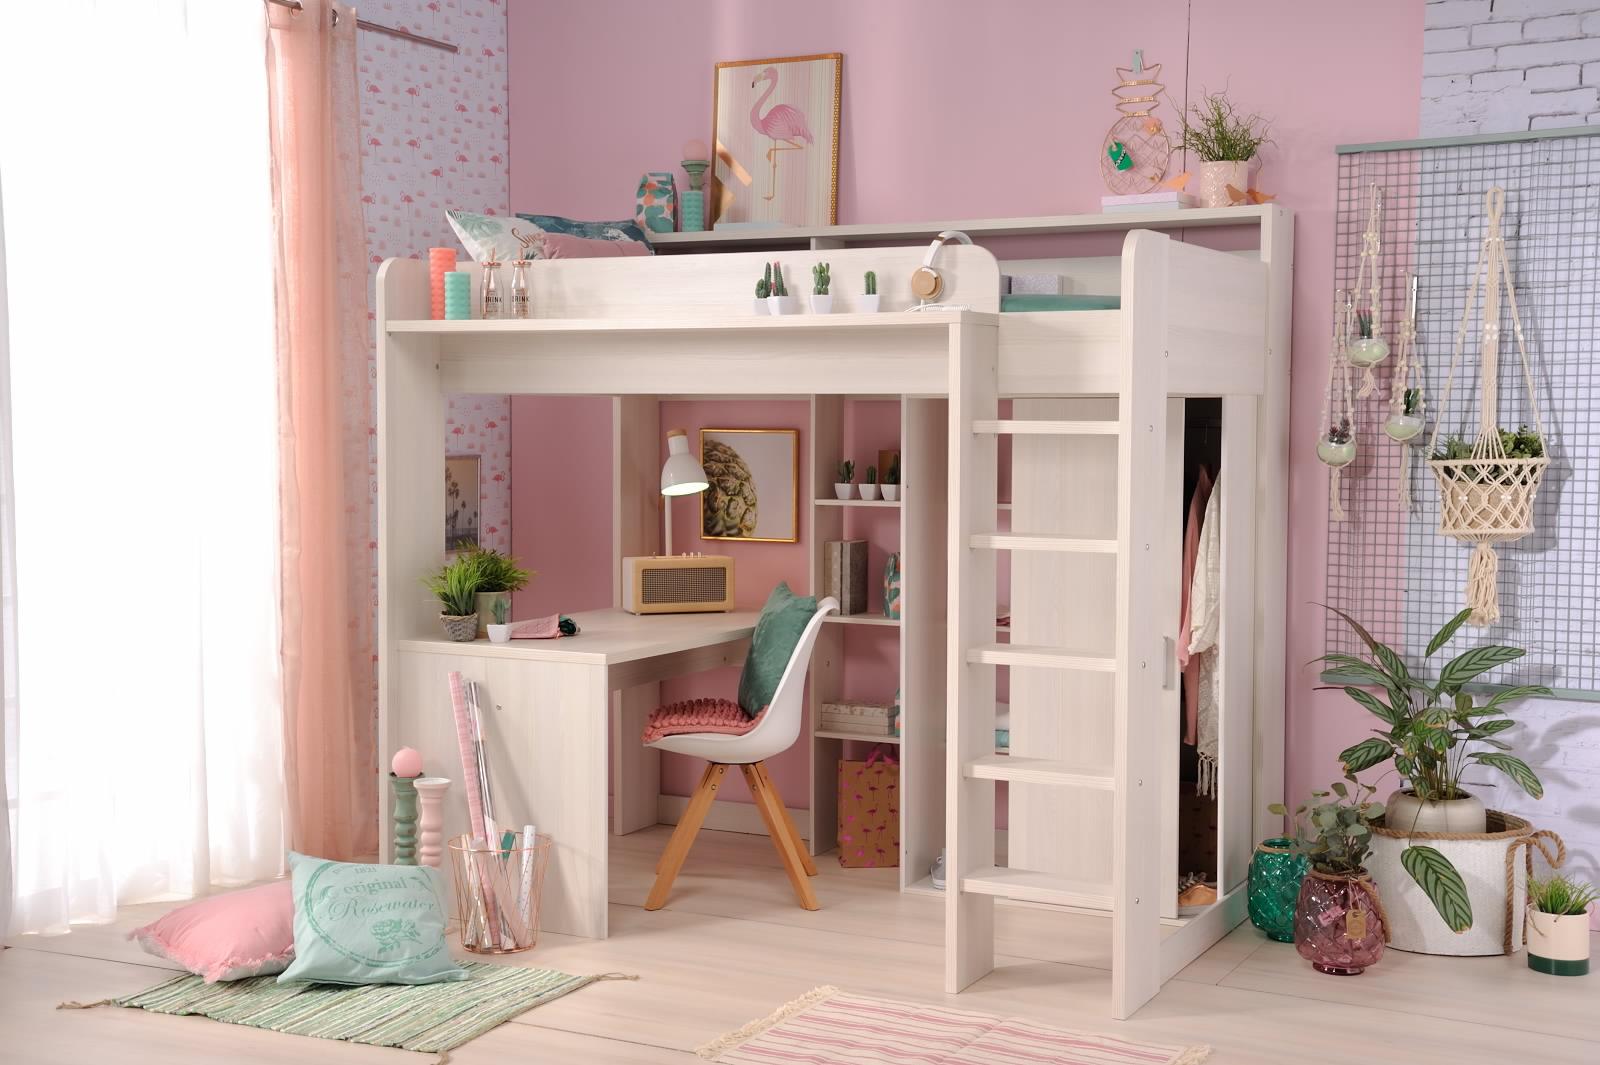 Etagenbett Mit Schrank Und Schreibtisch : 90x200 hochbett inkl integrierter schreibtisch u schrank higher 1a